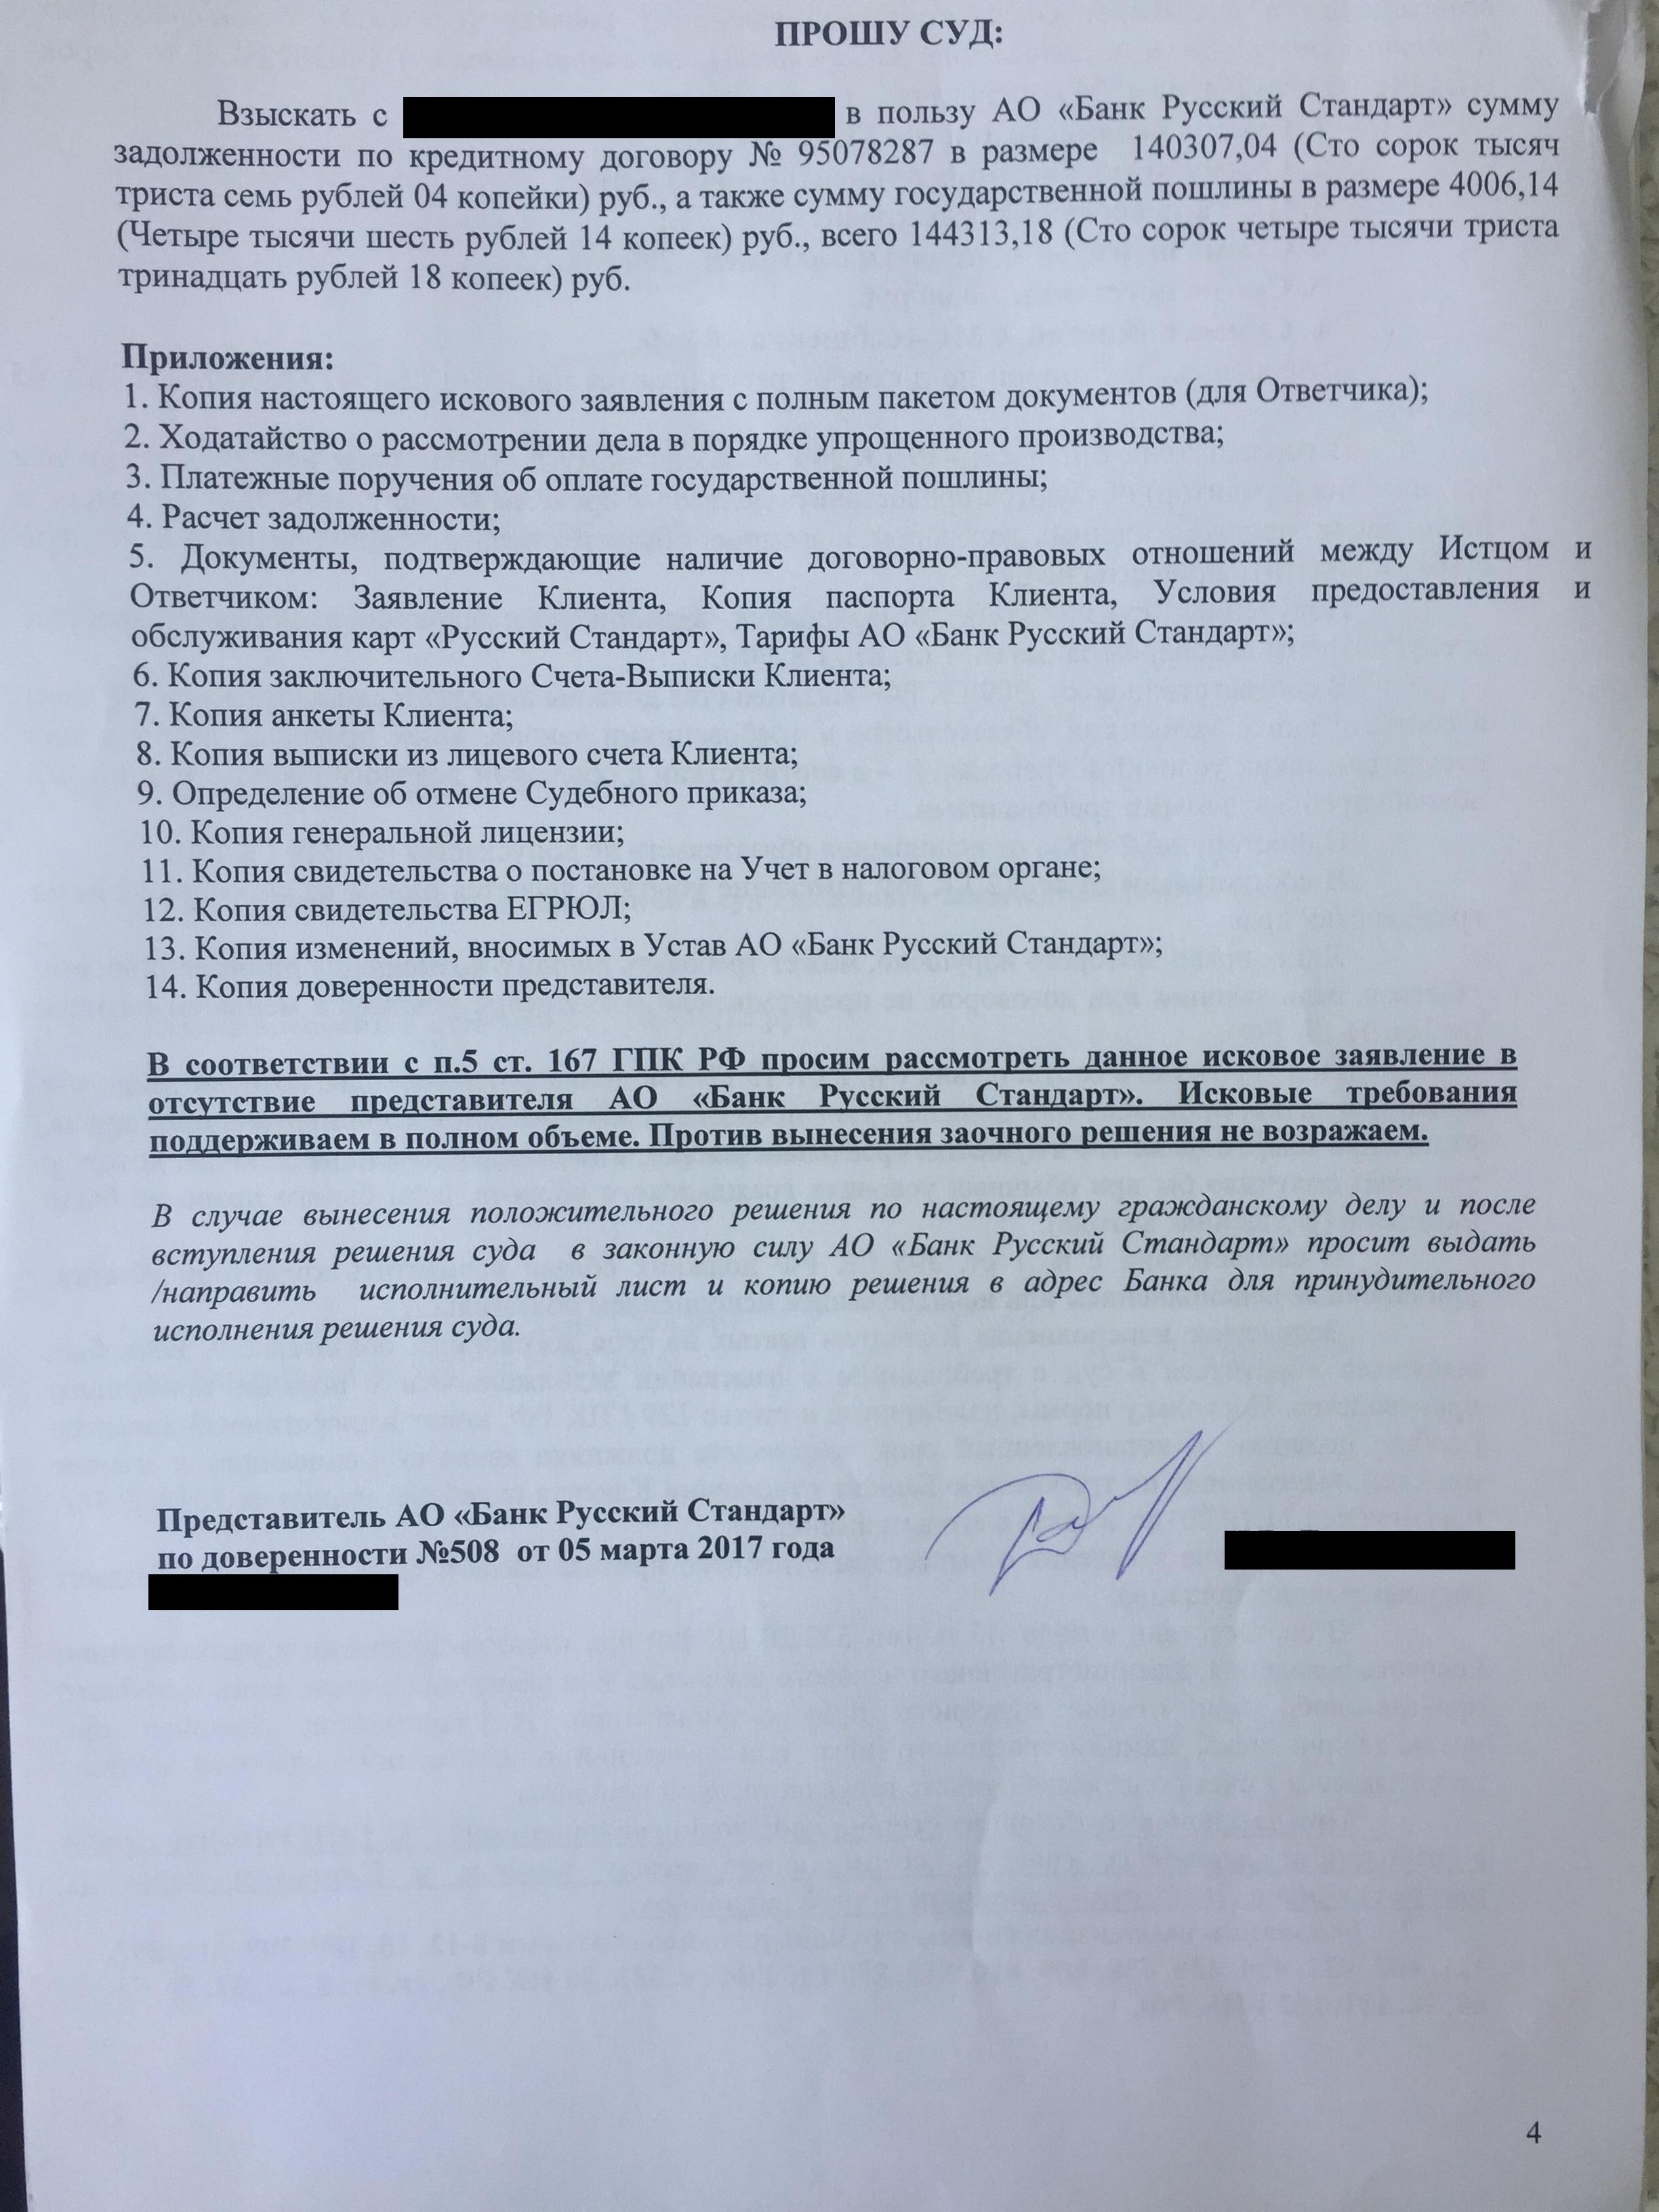 Дела в суд банк русский стандарт как долго делают карточку в банке